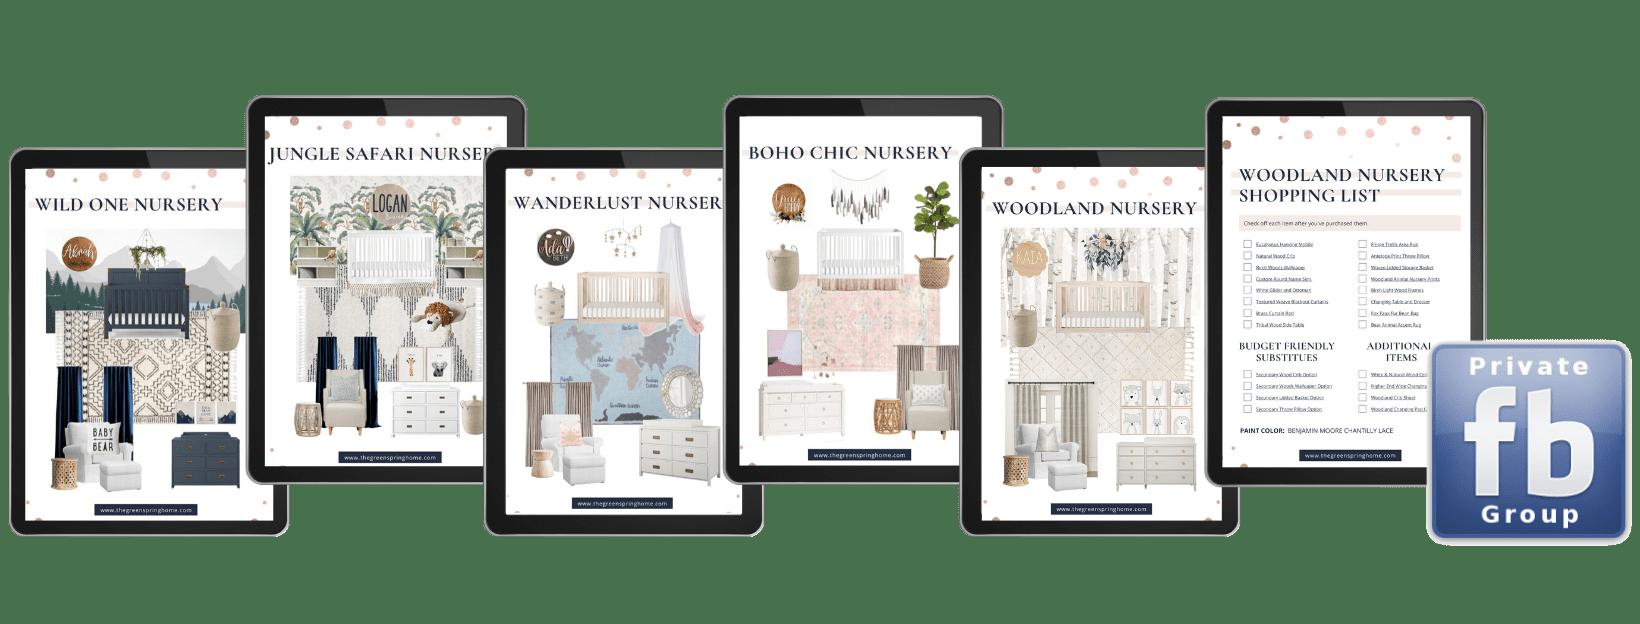 Simple nursery design ideas